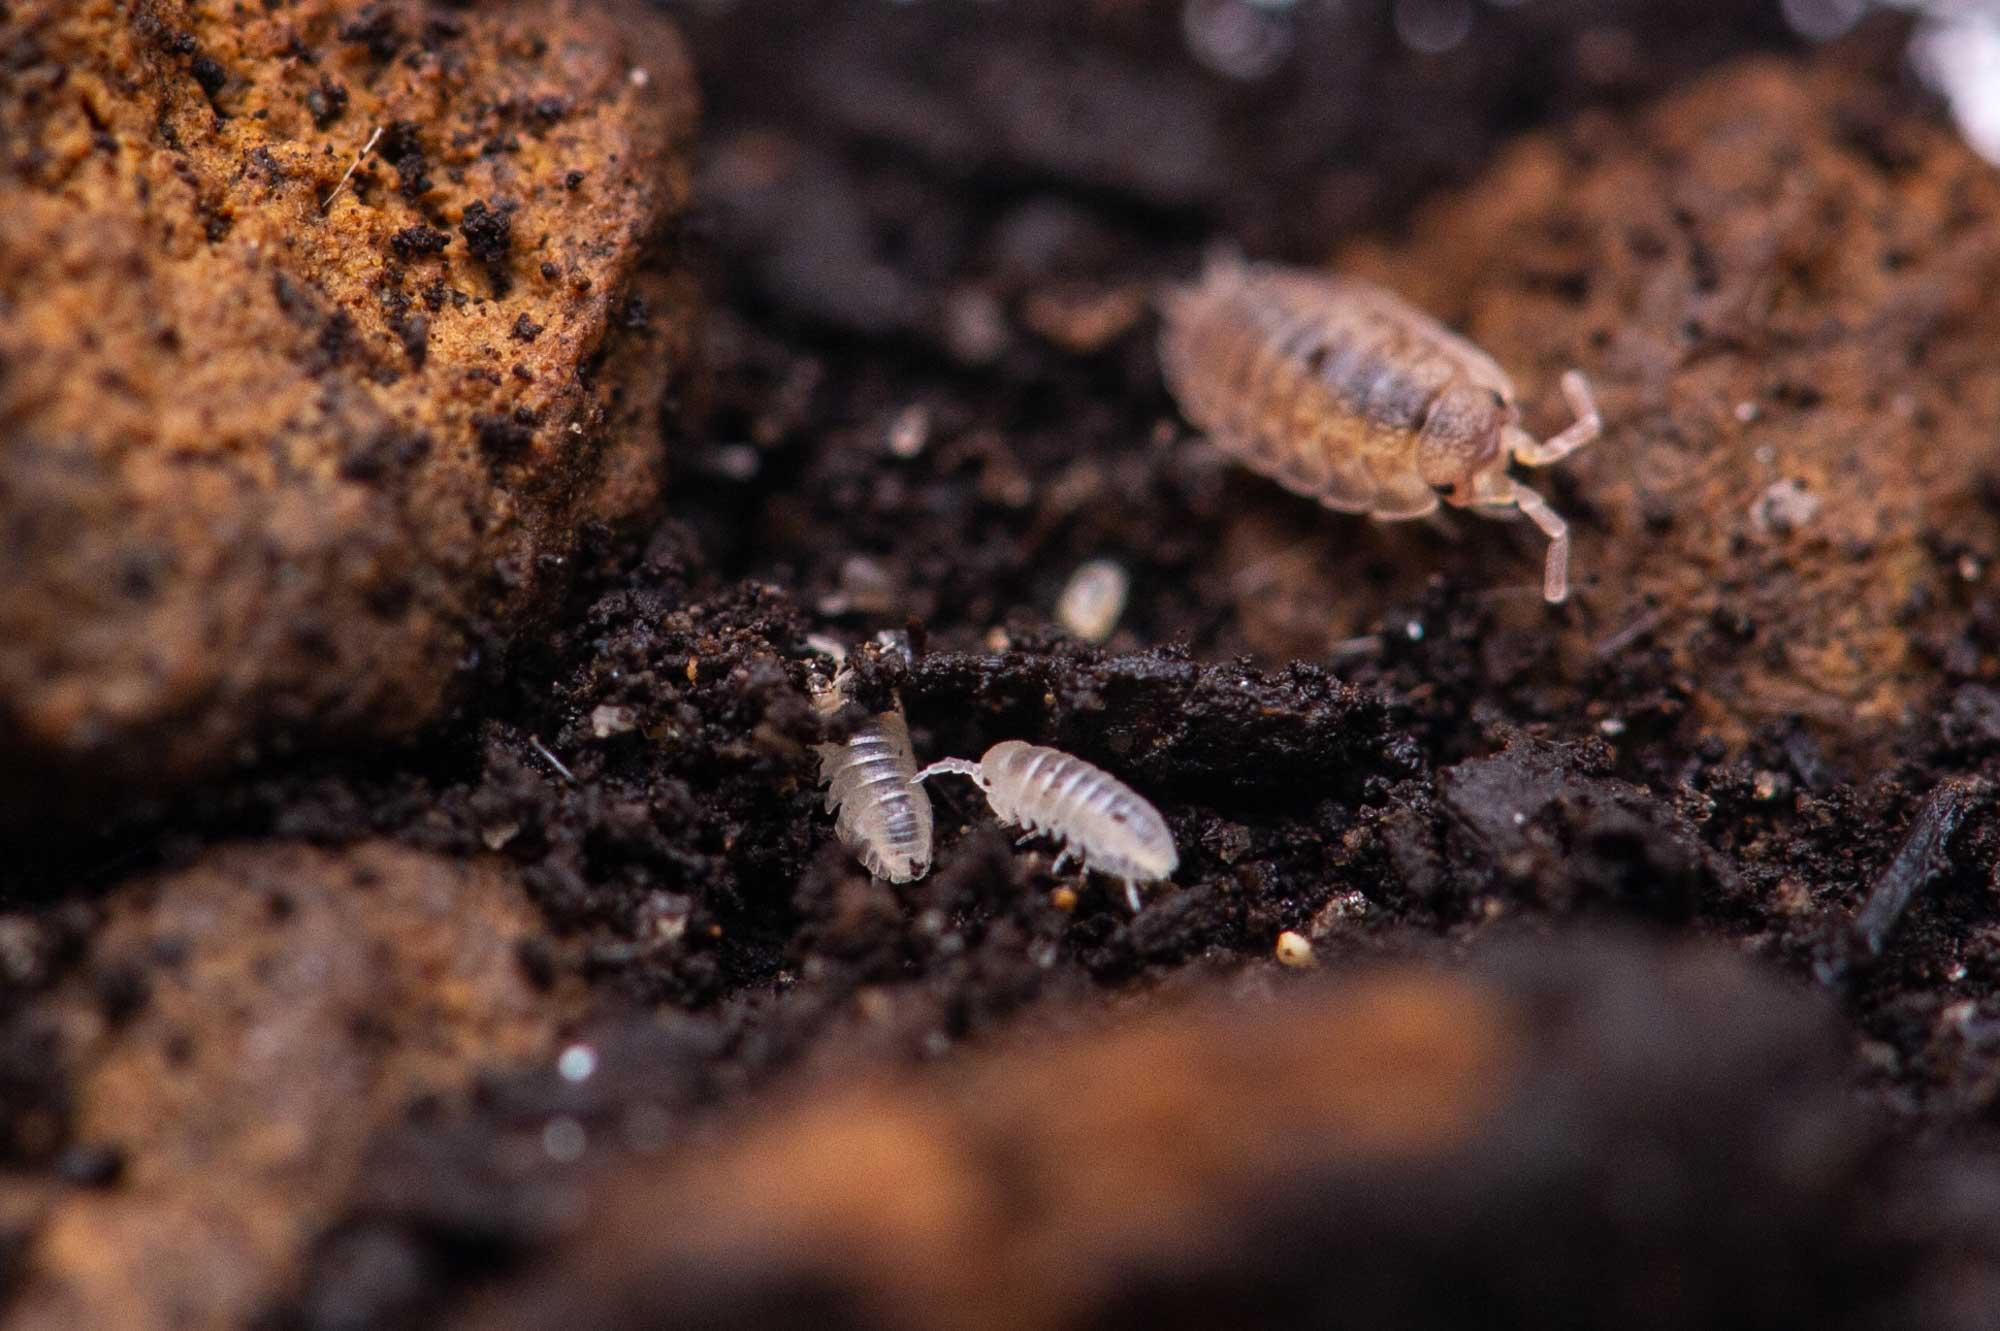 ダンゴムシの飼育の写真